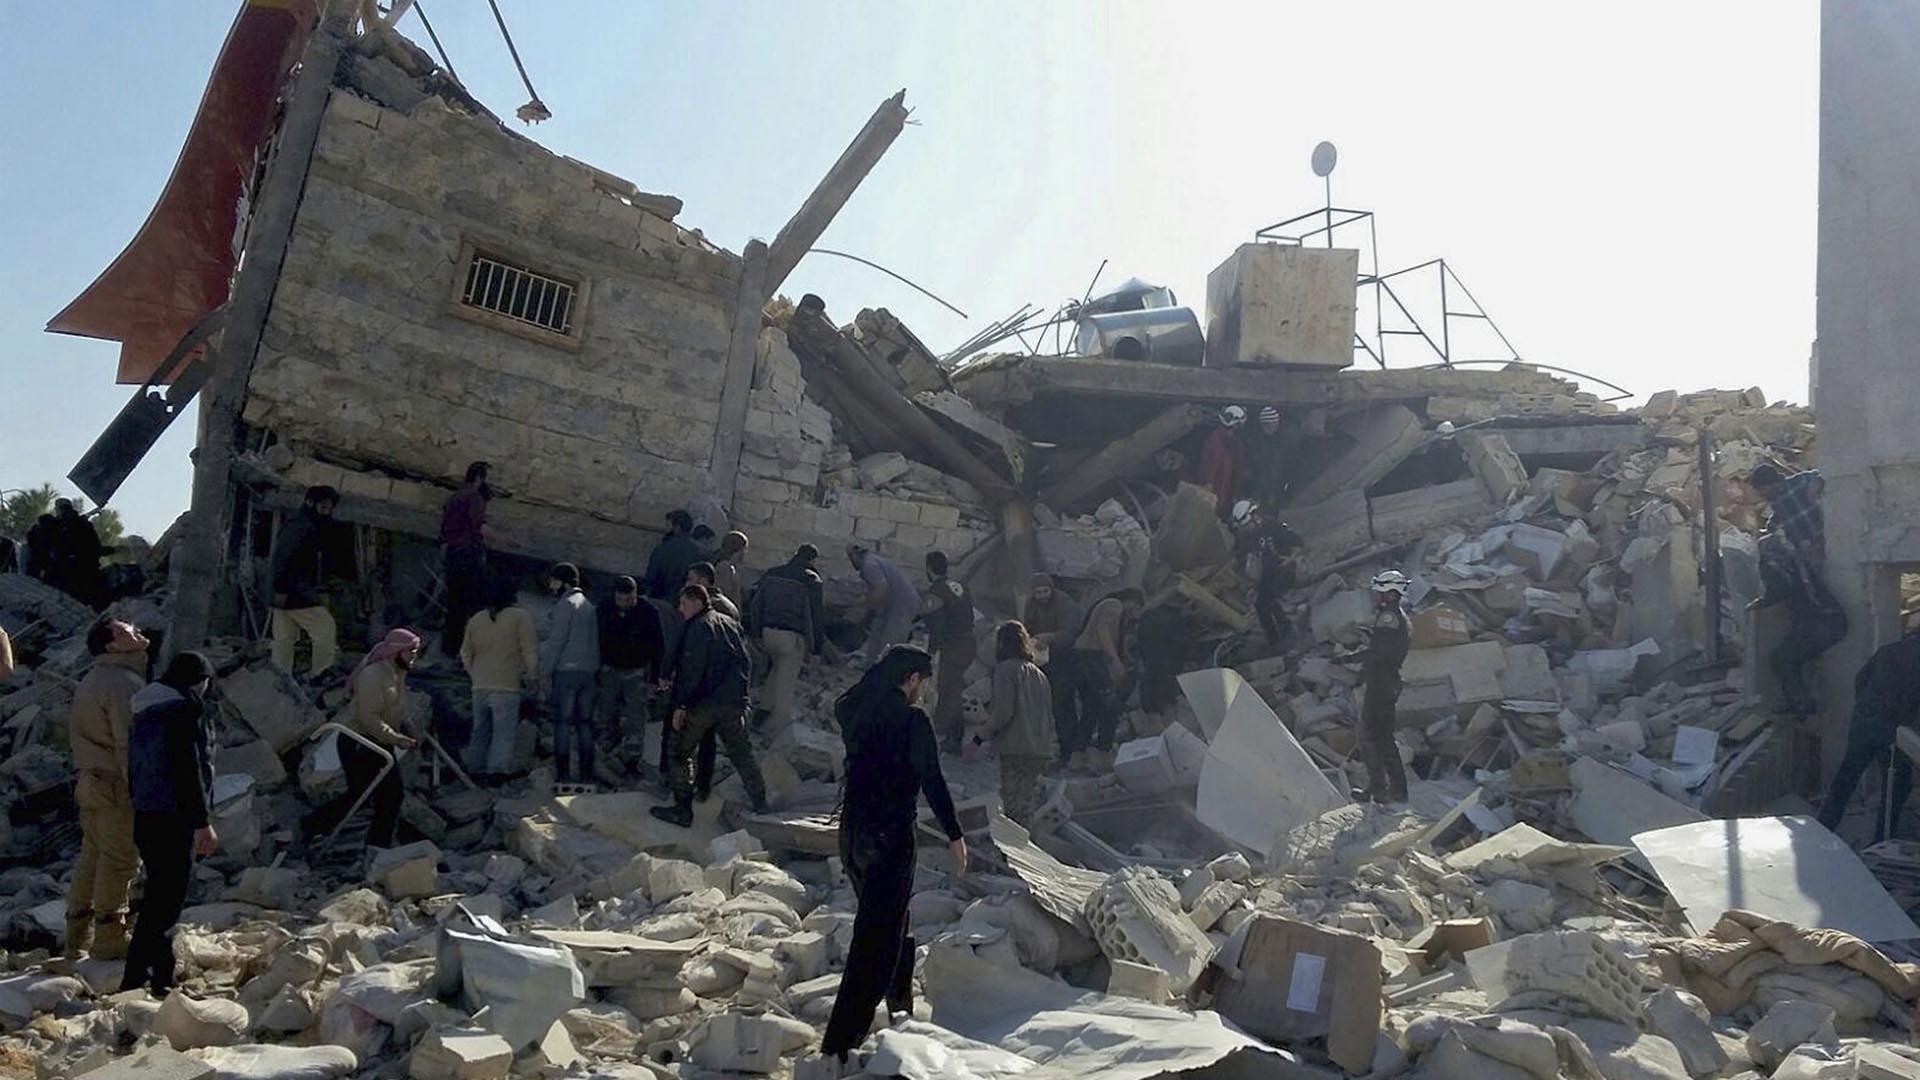 Una coalición, presuntamente ligada con Estados Unidos realizó un ataque aéreo contra una localidad de Siria